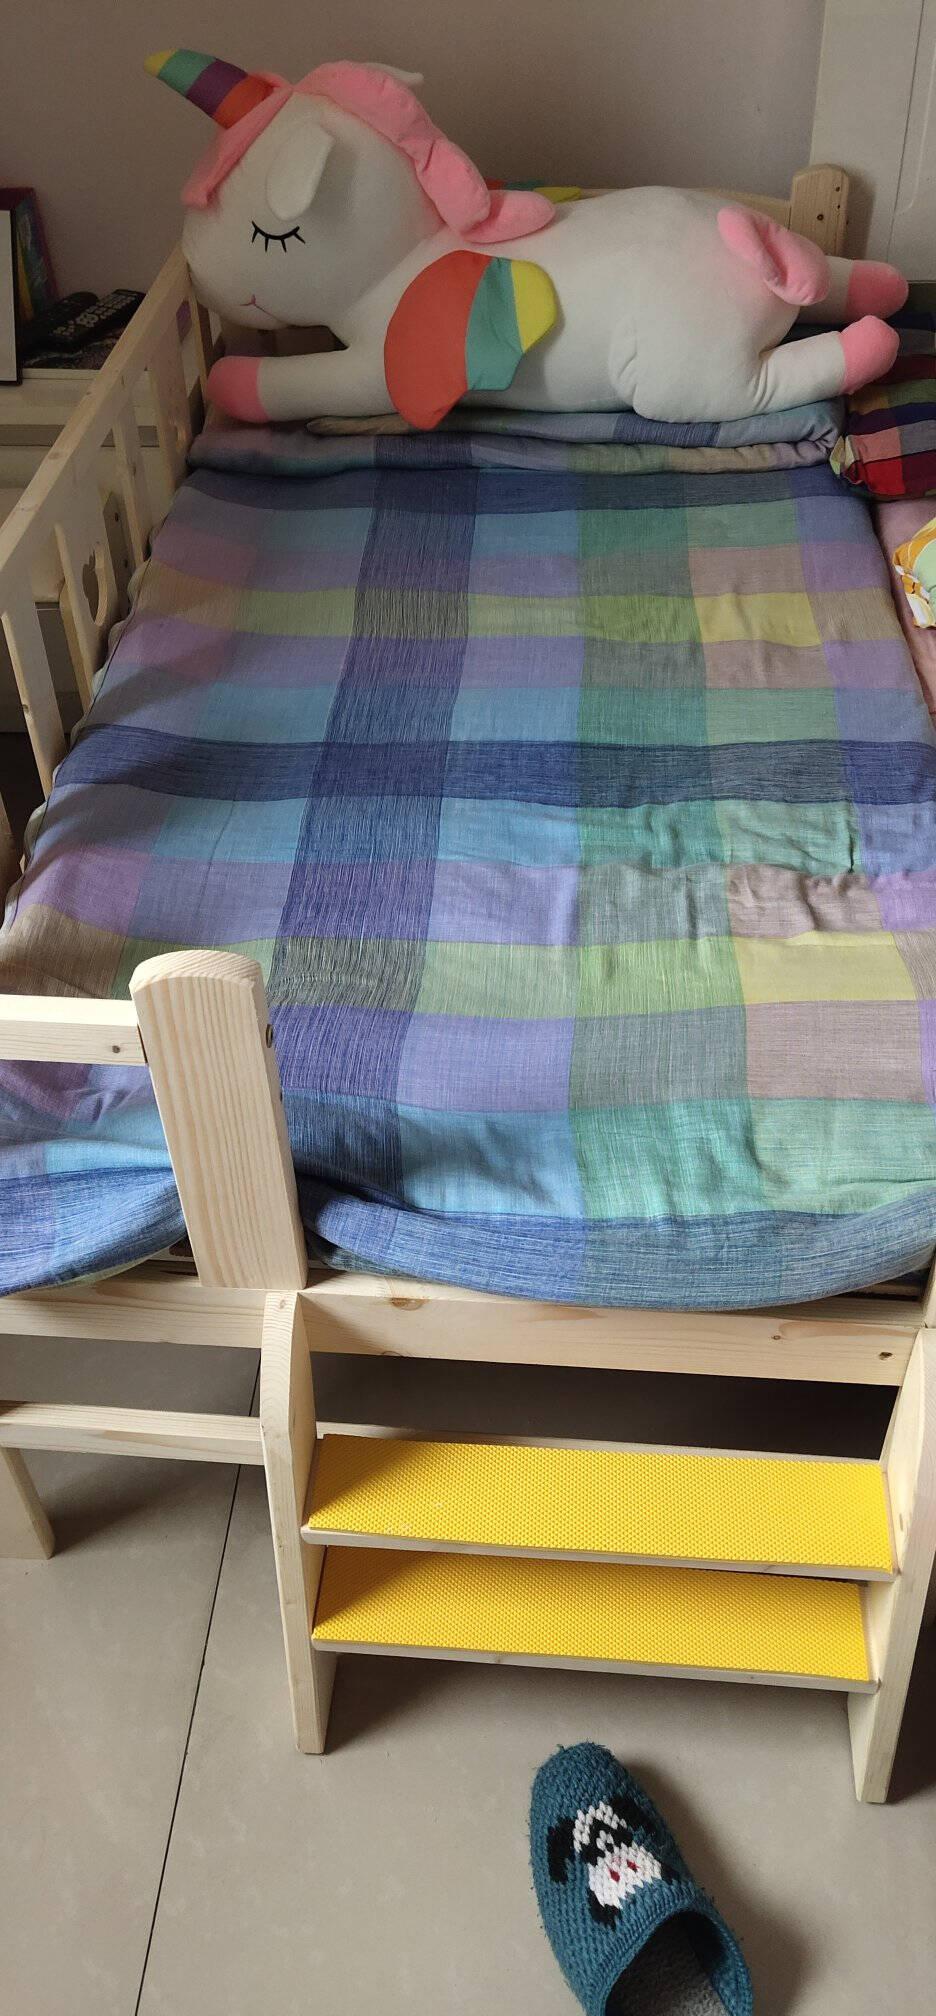 赛森儿童床带护栏单人床男孩女孩小床公主床婴儿床实木加宽床拼接床无油漆原木色边床150*80*40四面护栏+尾梯(单边护栏可拆卸)